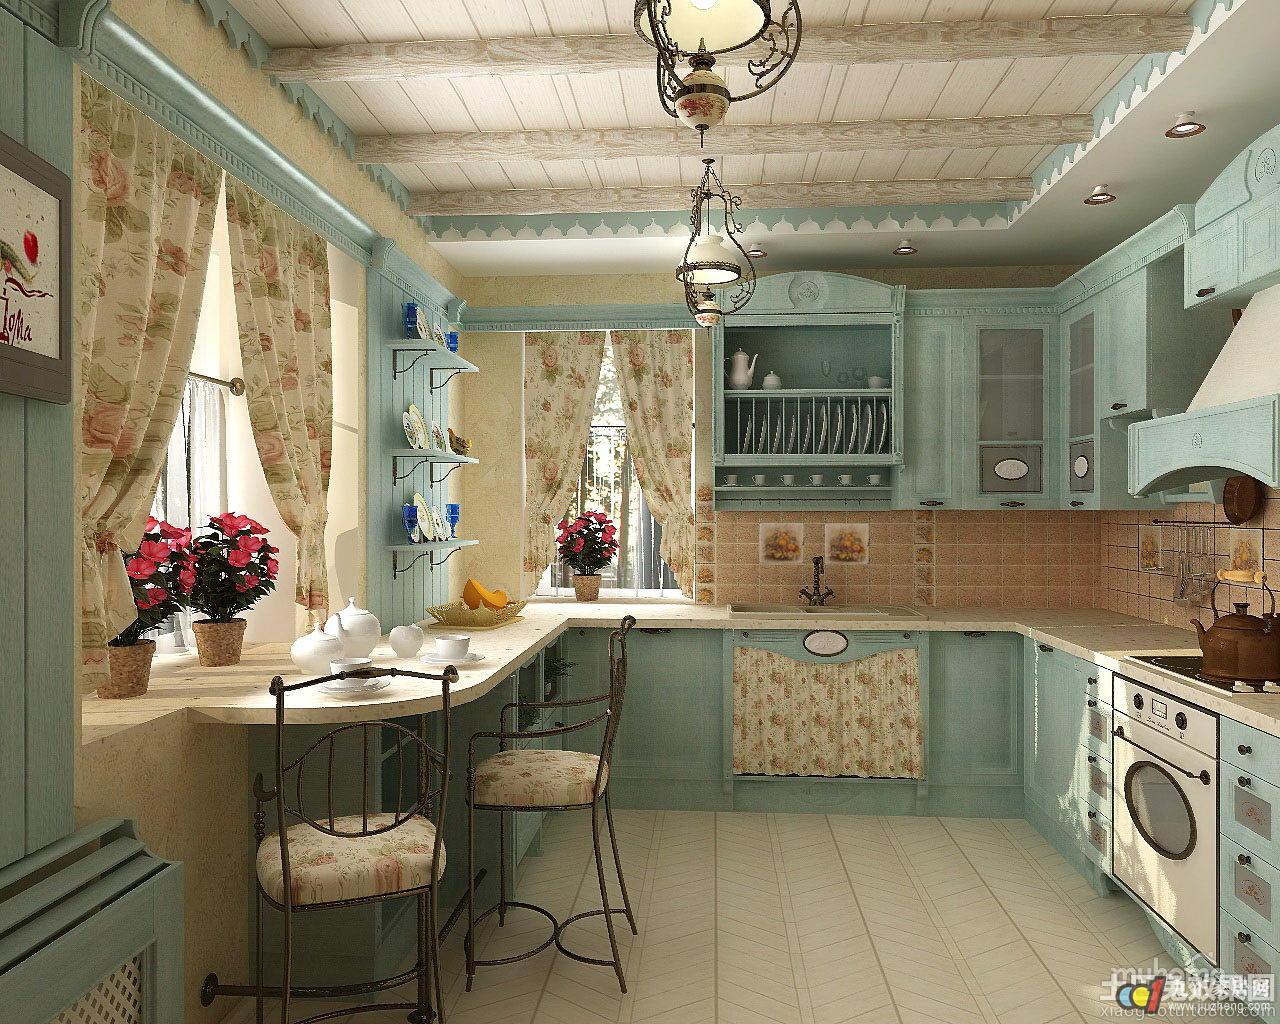 Дизайн кухня в стиле прованс интерьер